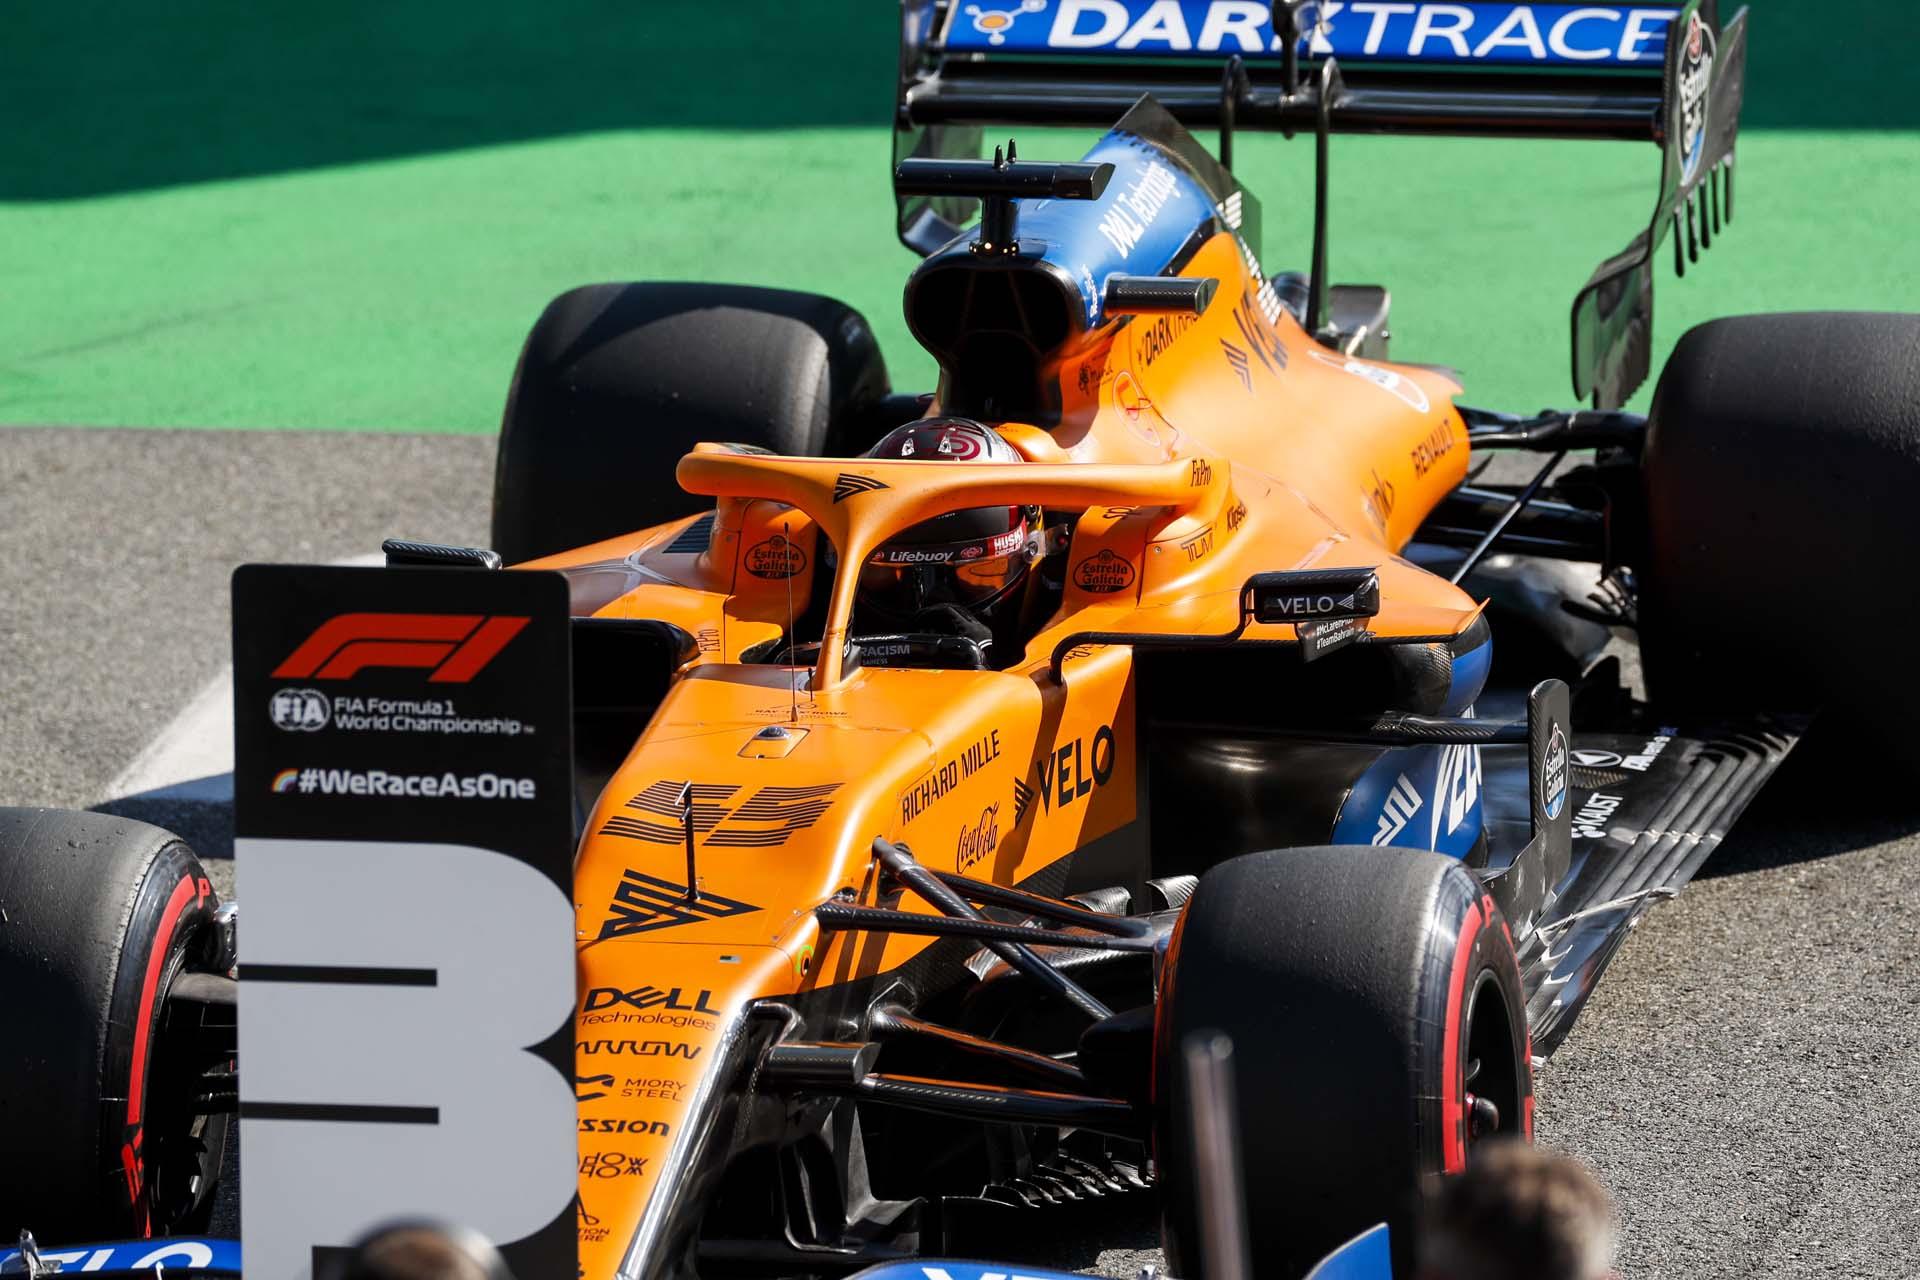 Carlos Sainz, McLaren MCL35 in Parc Ferme